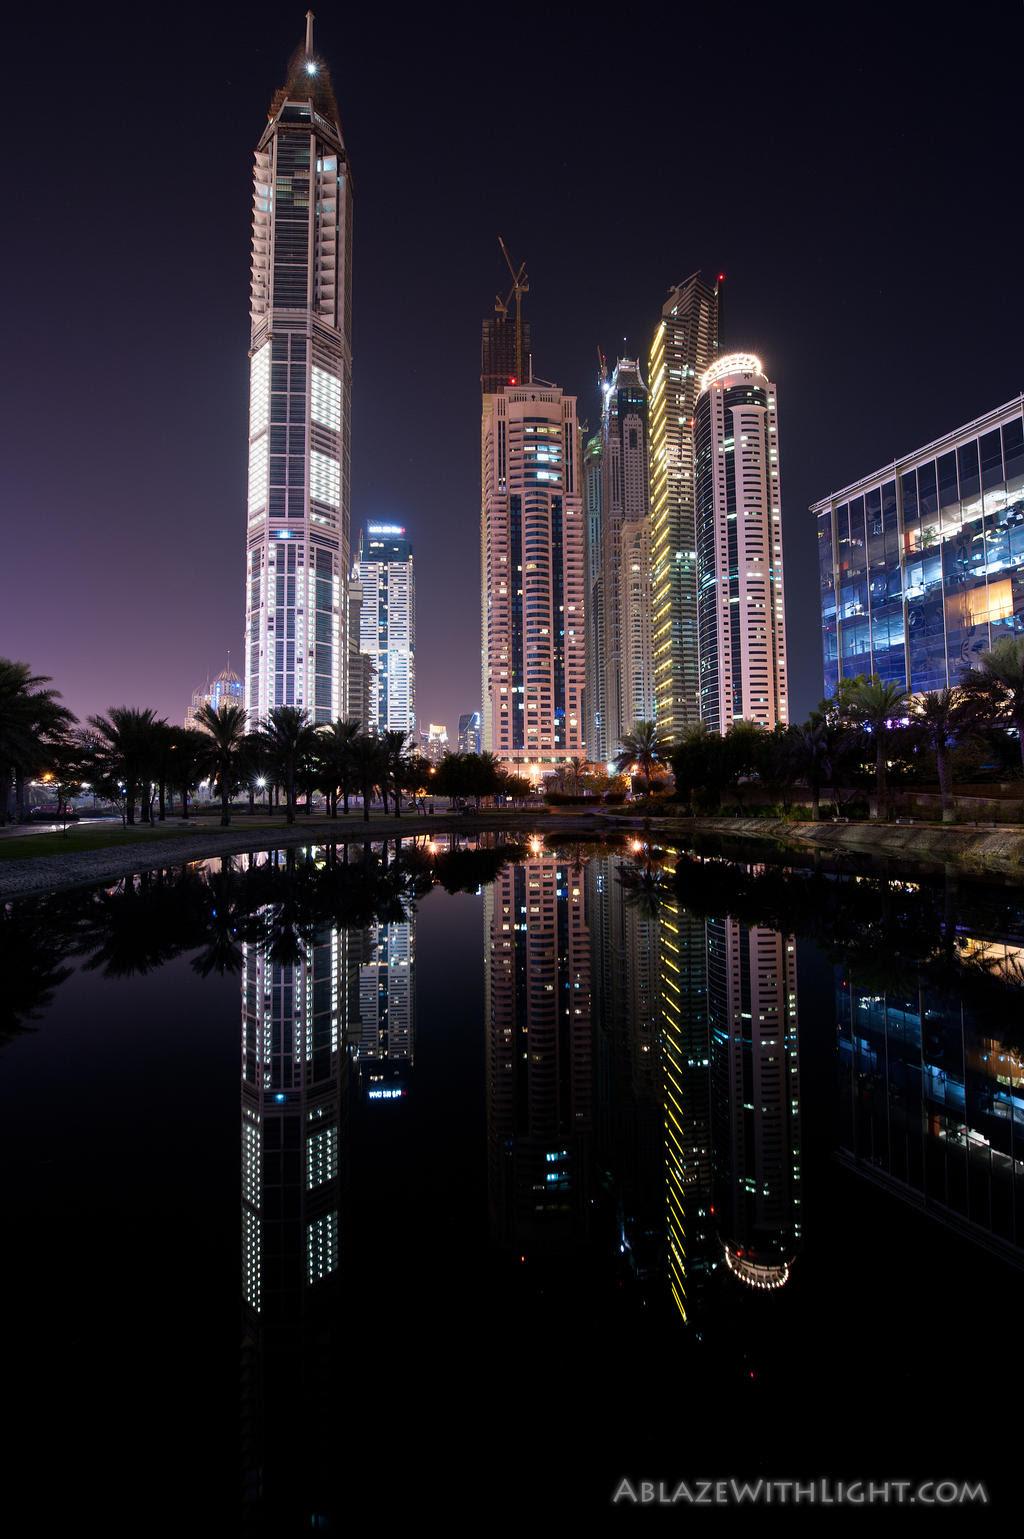 city landscape photography - photo #9